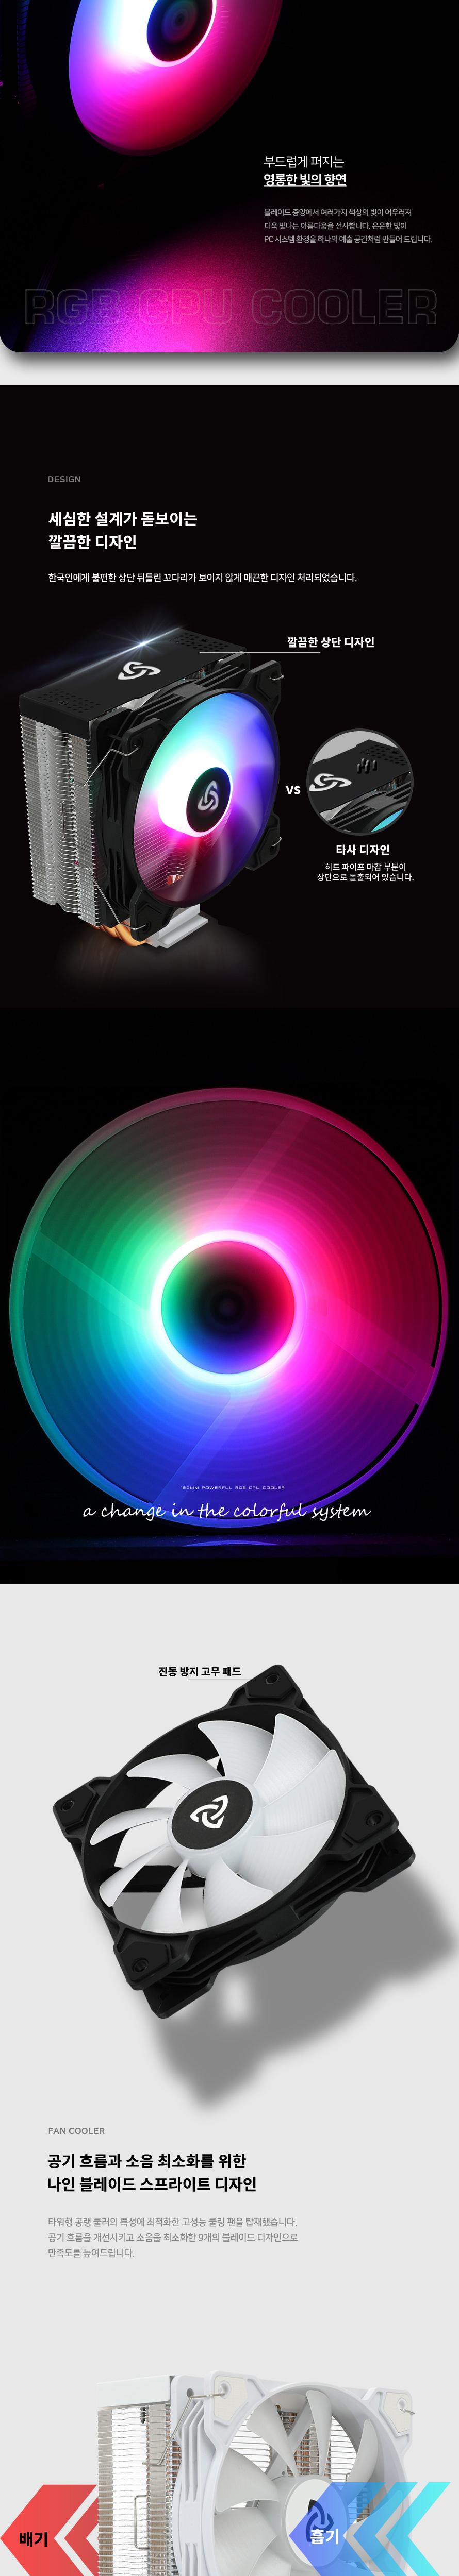 3RSYS TEAMMOST TM-30 RGB (BLACK)